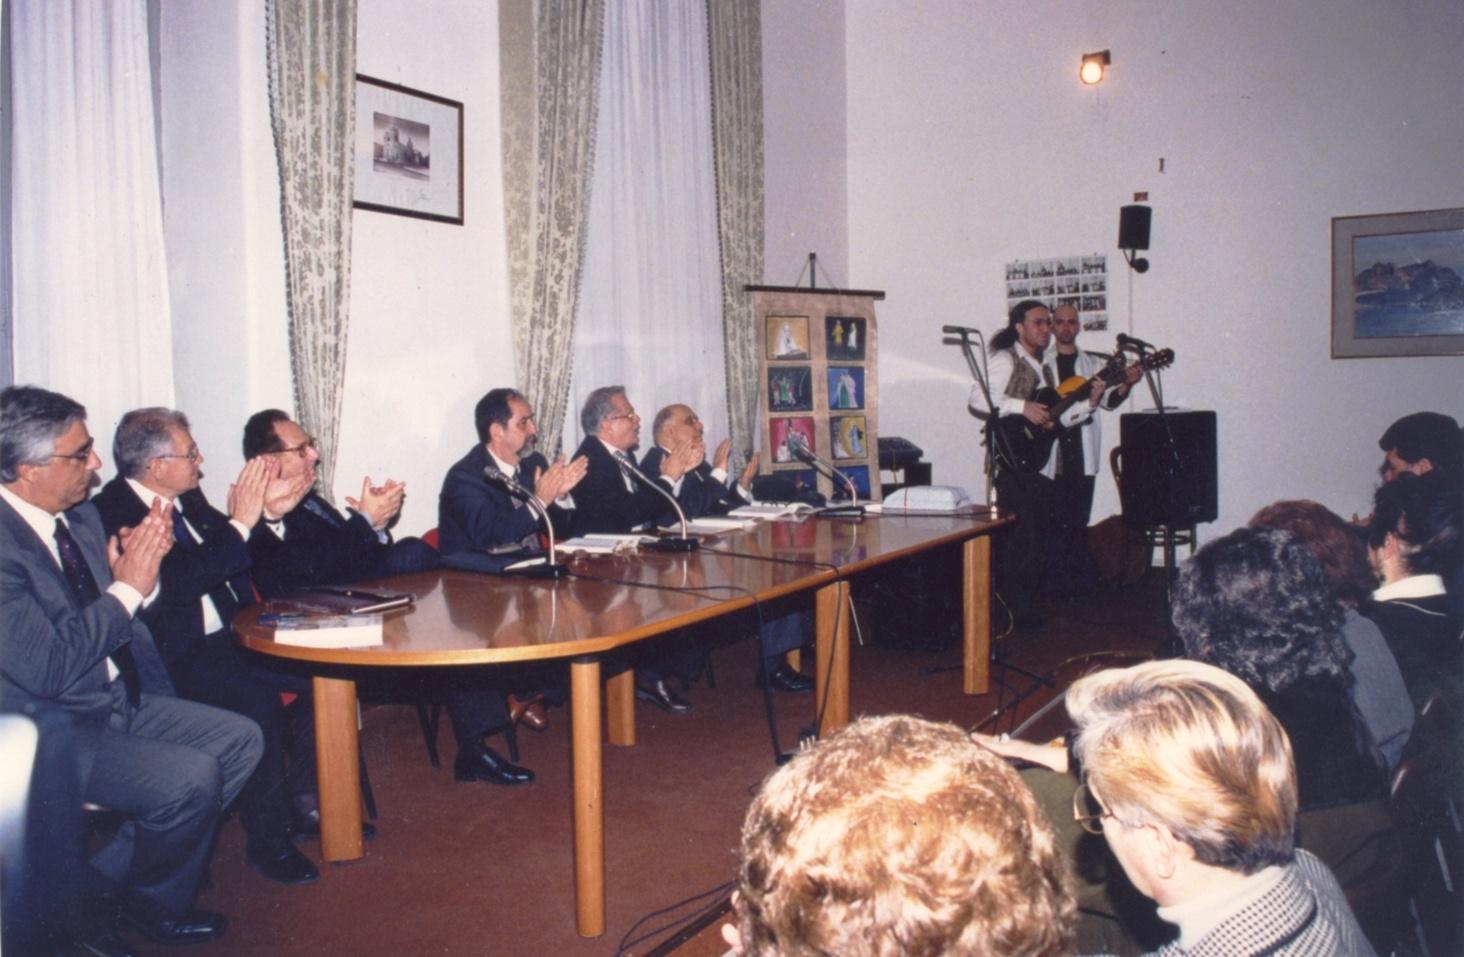 Giarre - Convegno Società di Storia Patria e Cultura